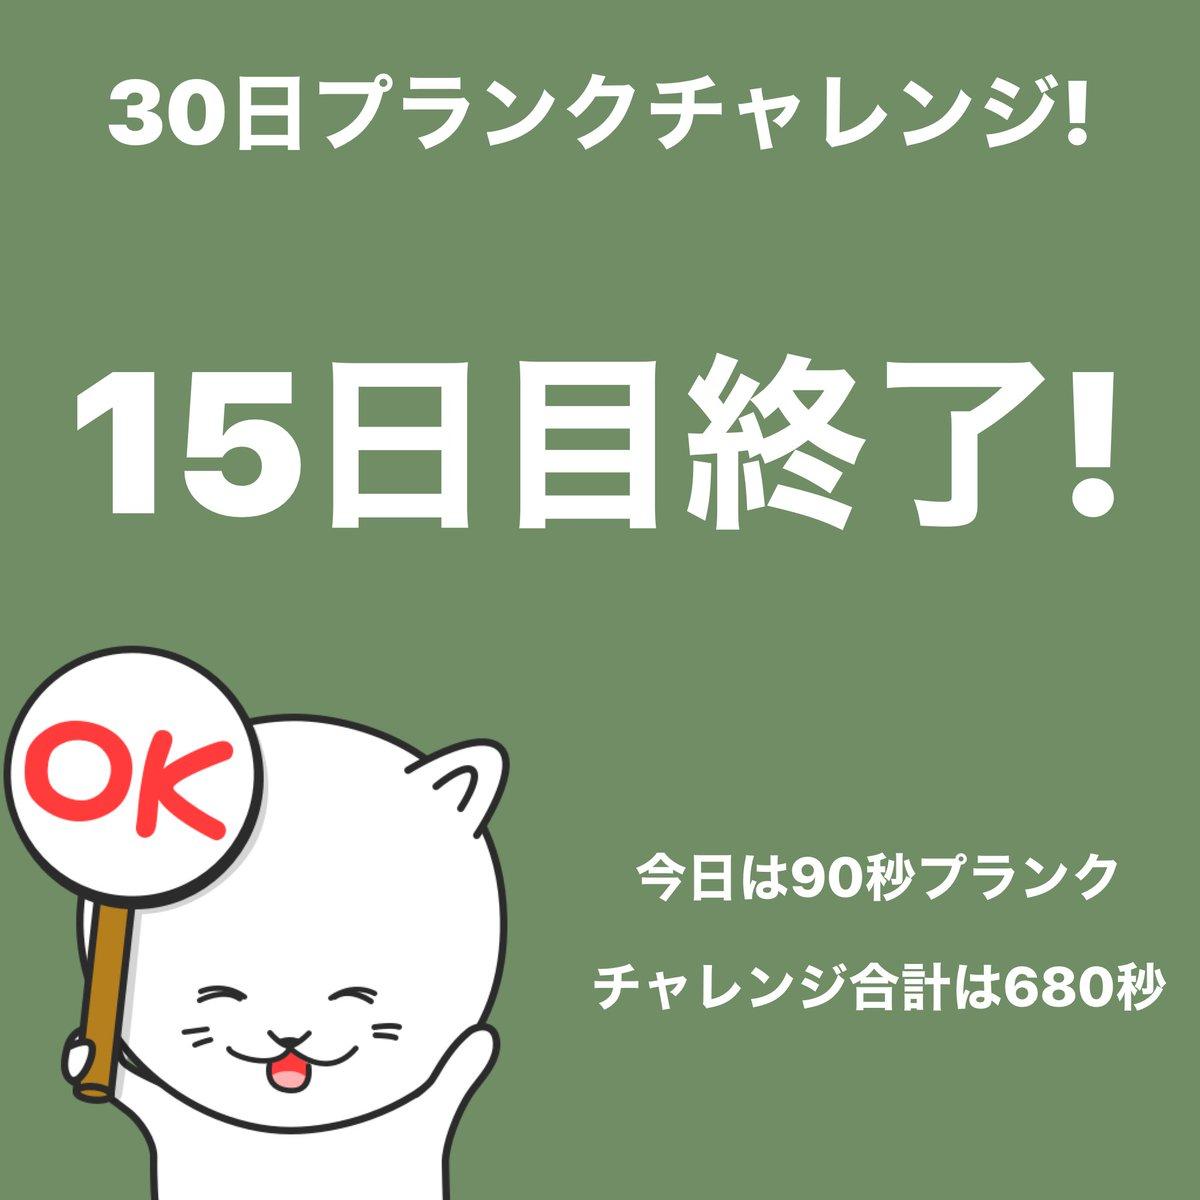 #プランクチャレンジ 15日目終了!今日は90秒プランクしました。 #30日チャレンジ